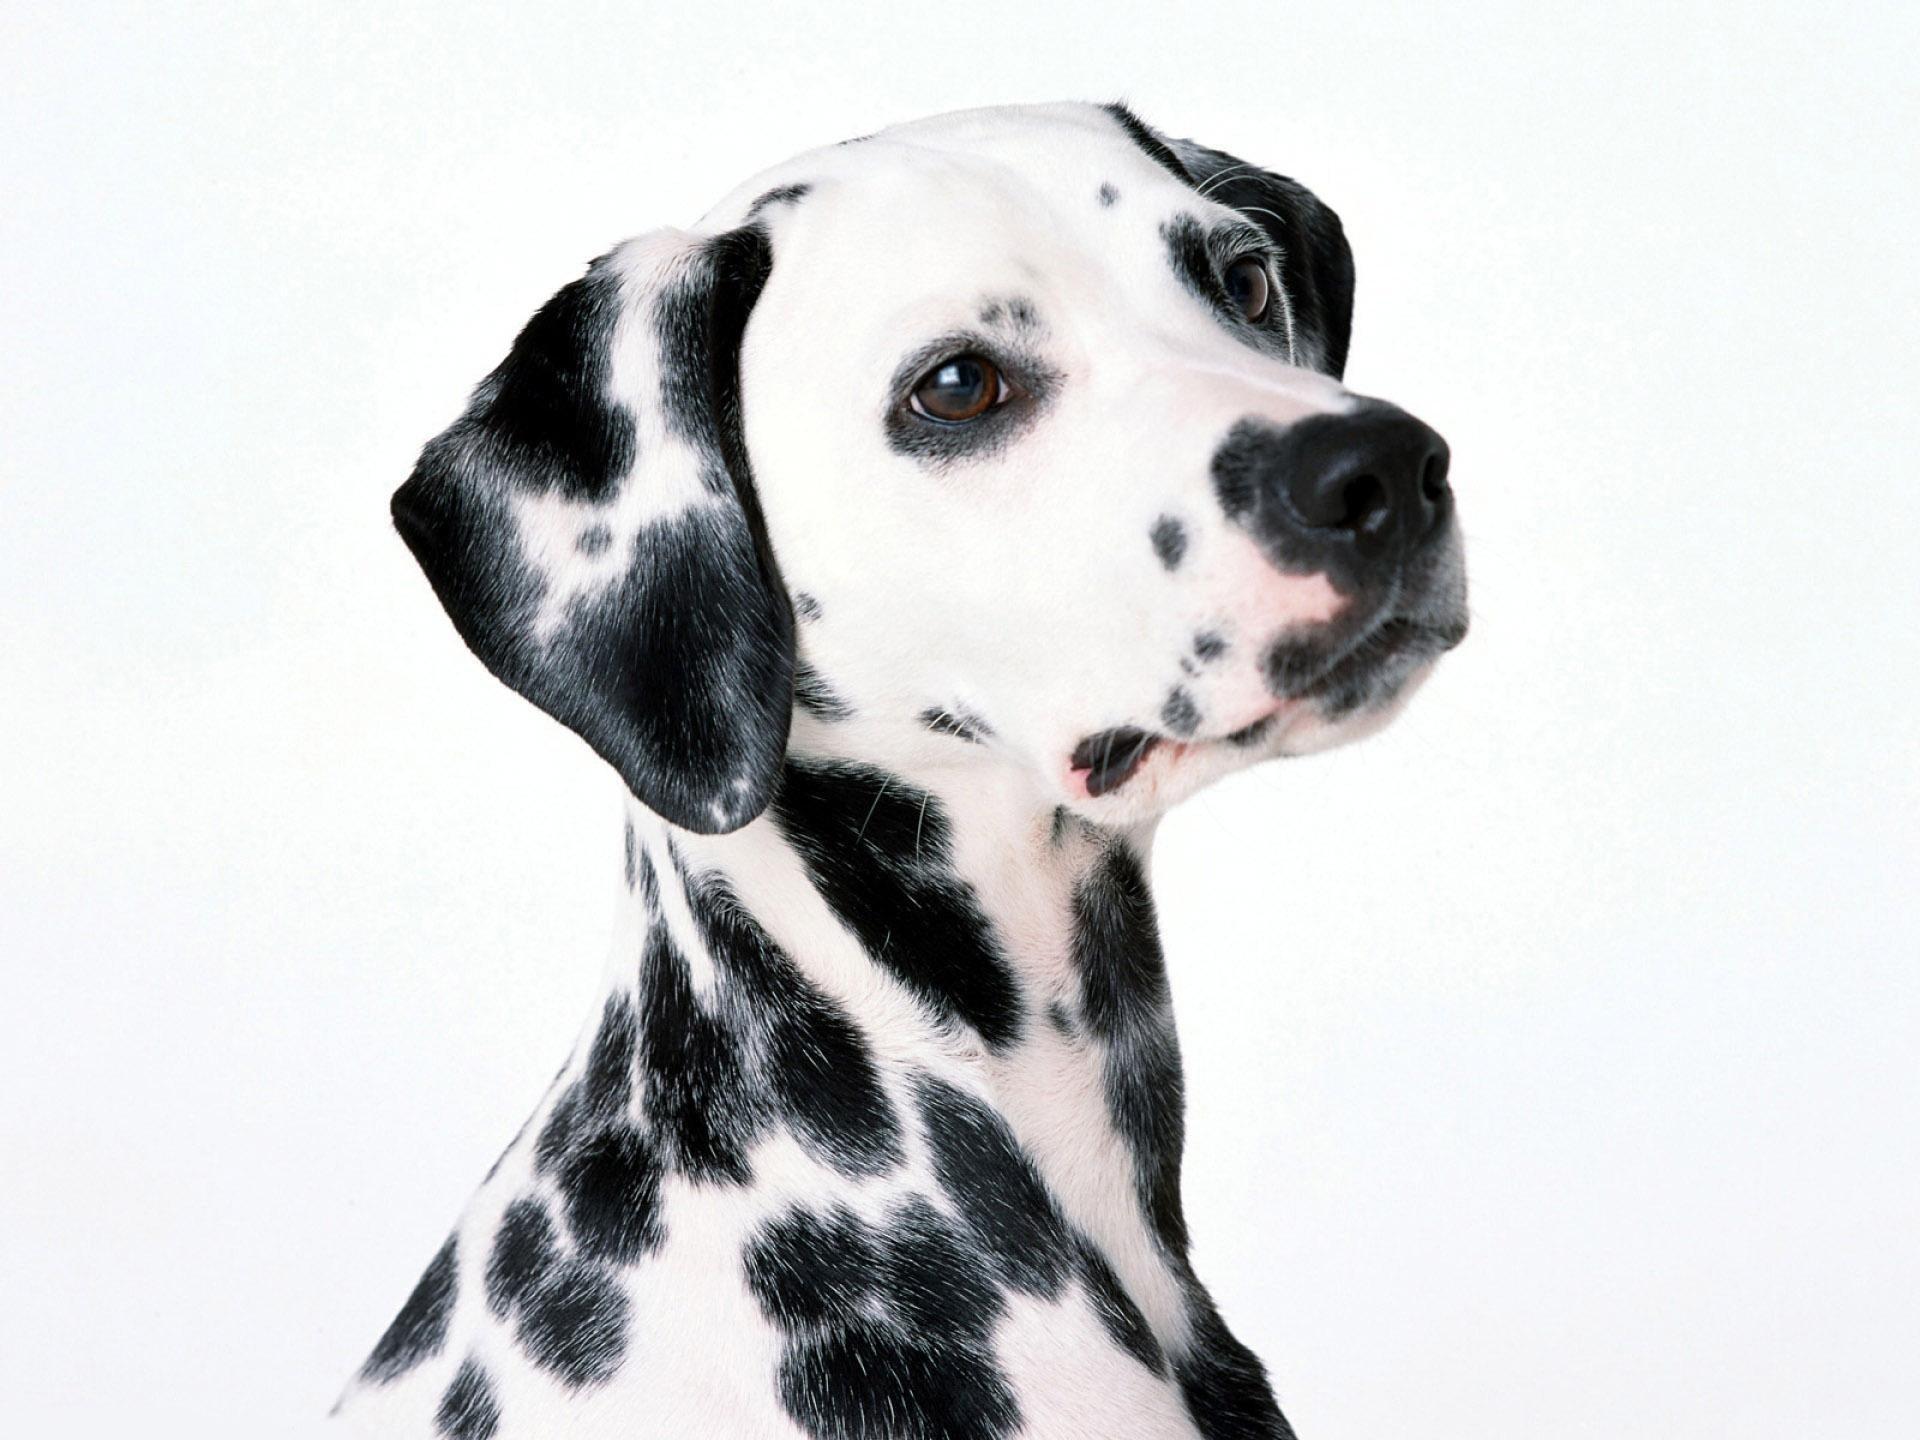 Cute Dalmatian 33071 1600x1200 px